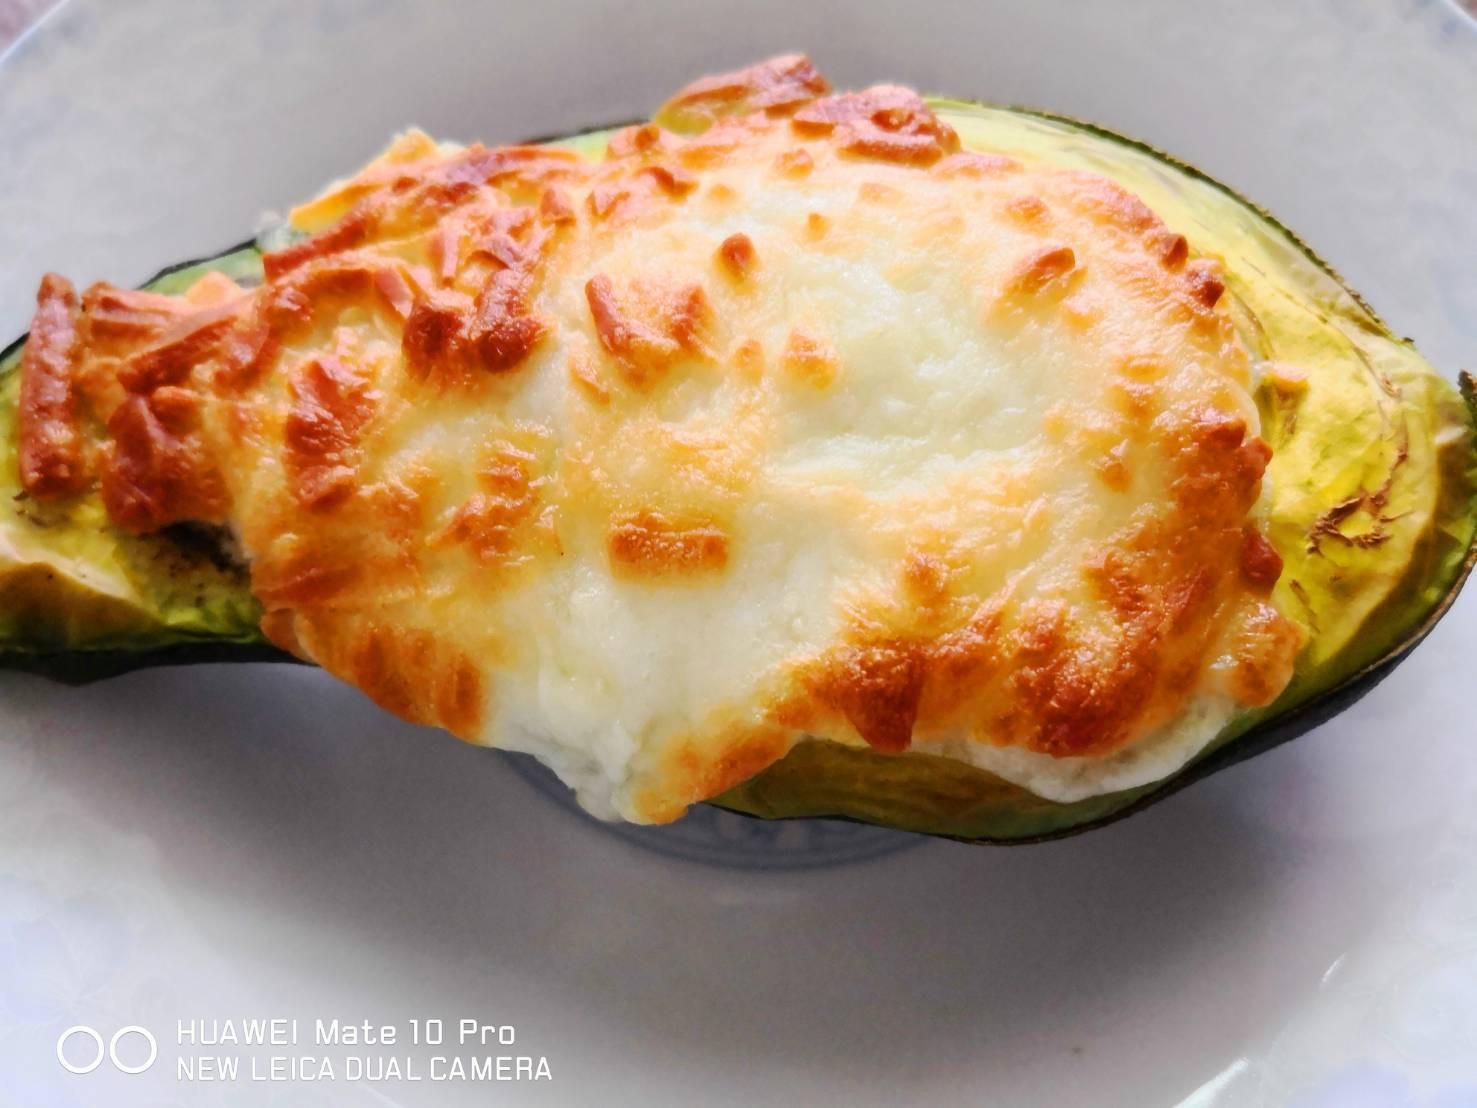 酪梨蛋起司焗烤-生酮飲食/低碳飲食